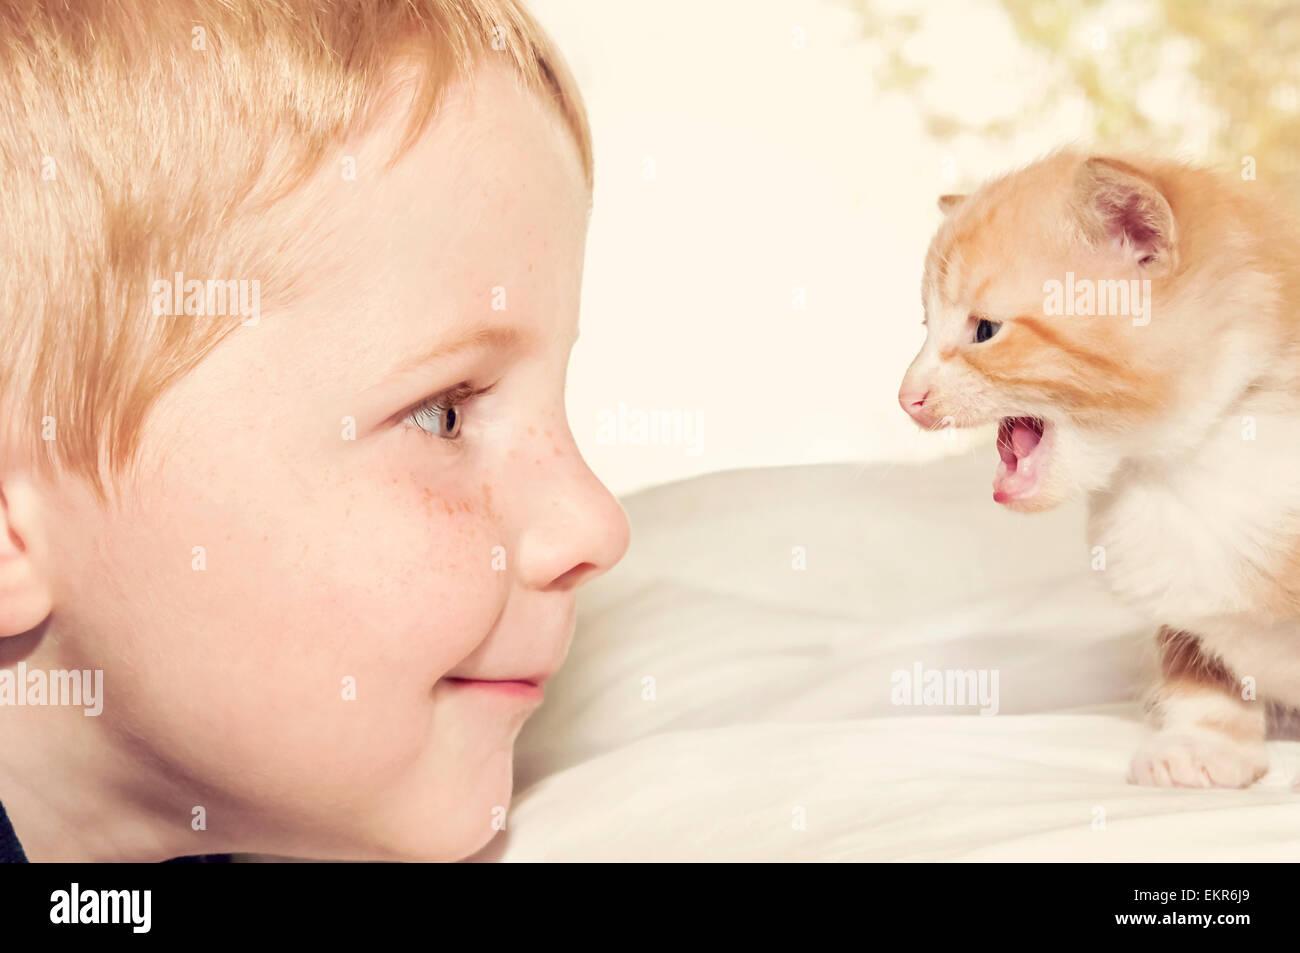 Fermer la vue de garçon et visages chaton Banque D'Images